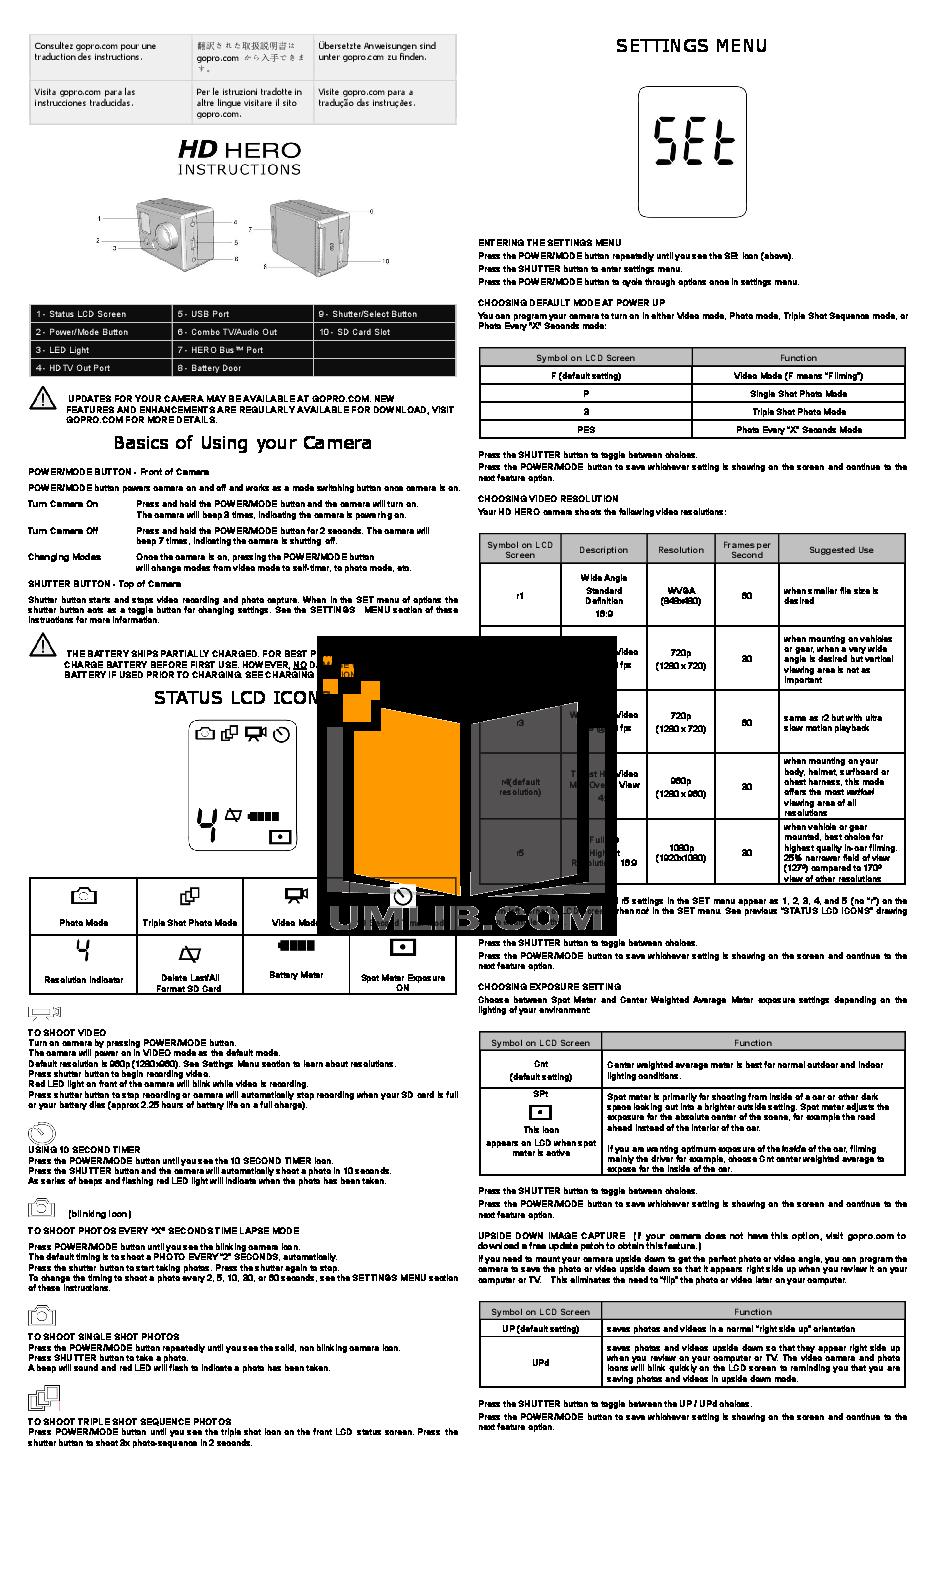 download free pdf for gopro hd hero naked camcorders manual rh umlib com hd hero 960 manual hero 960 user manual